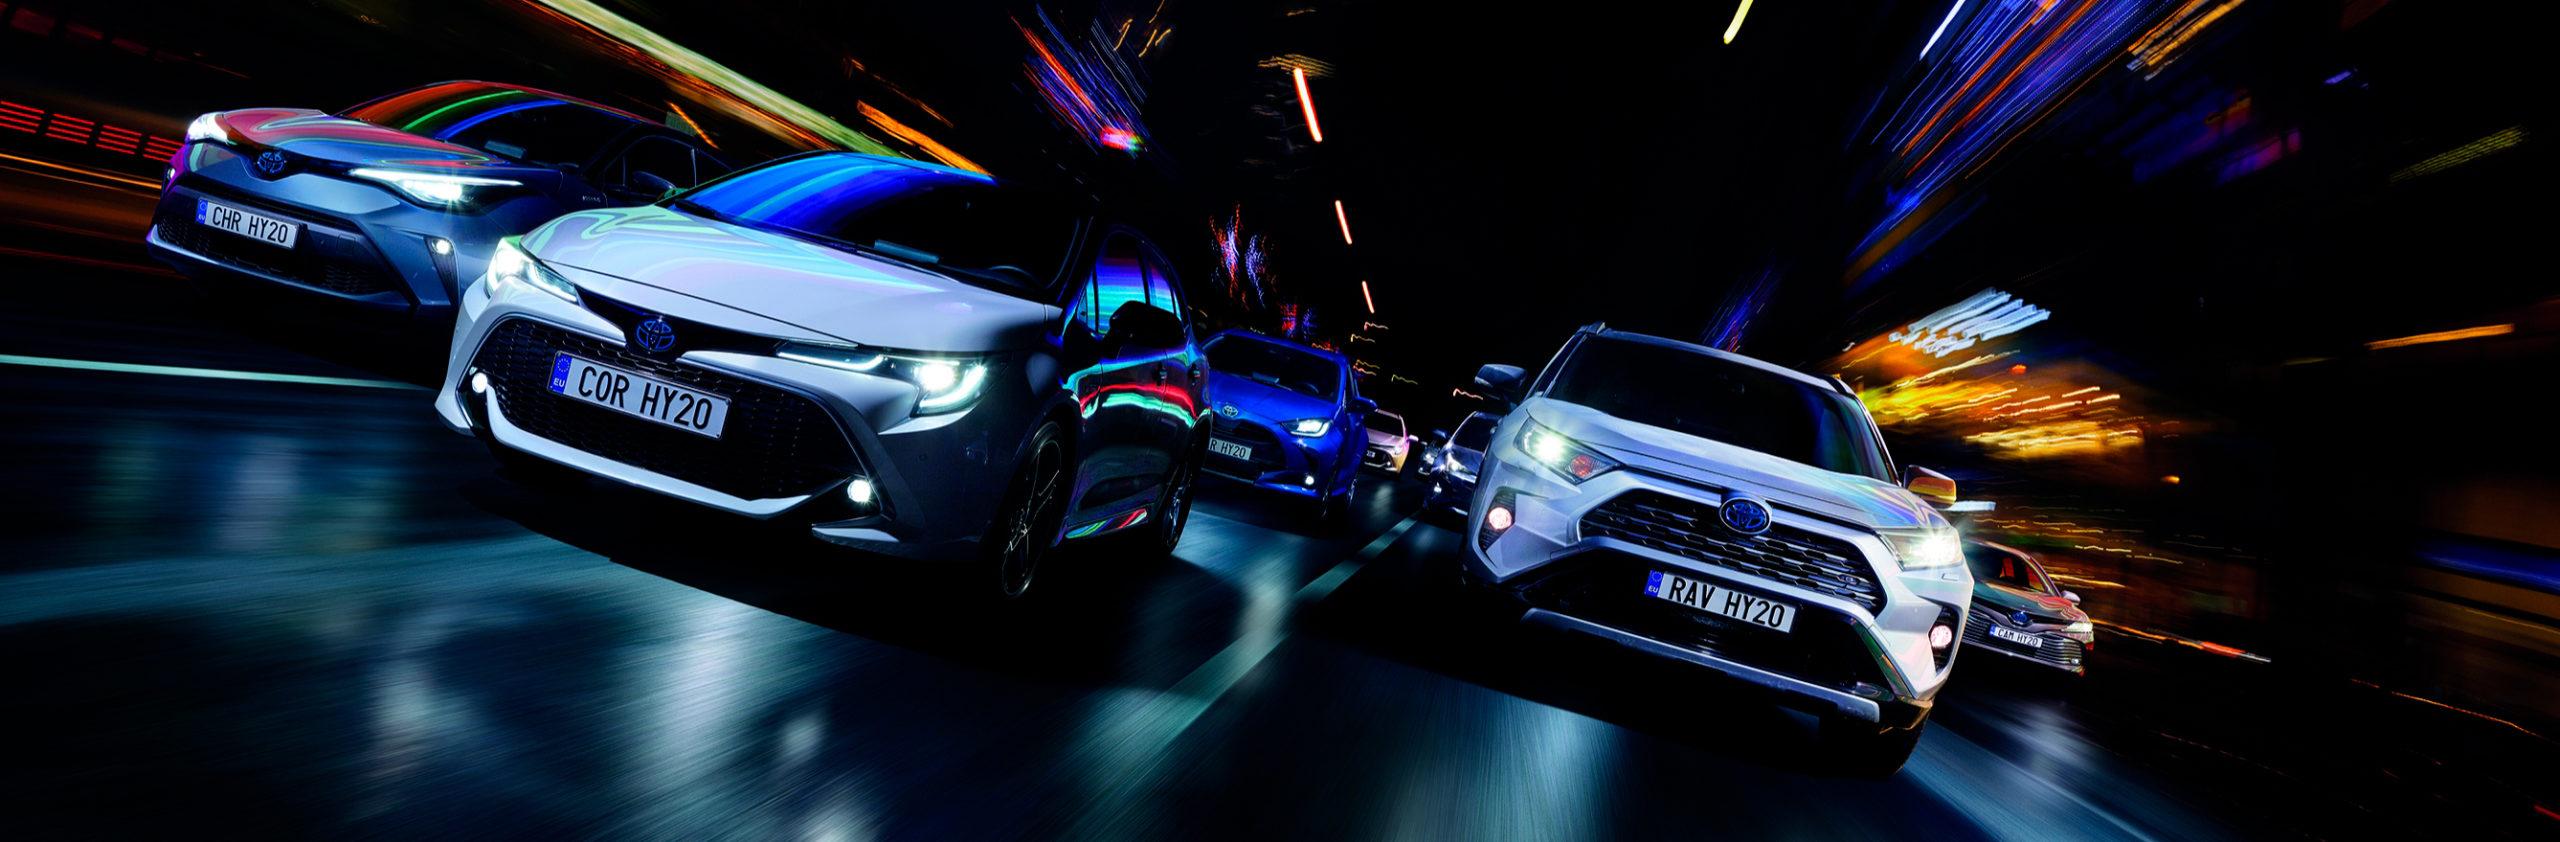 Toyota apuesta por la Movilidad Sostenible